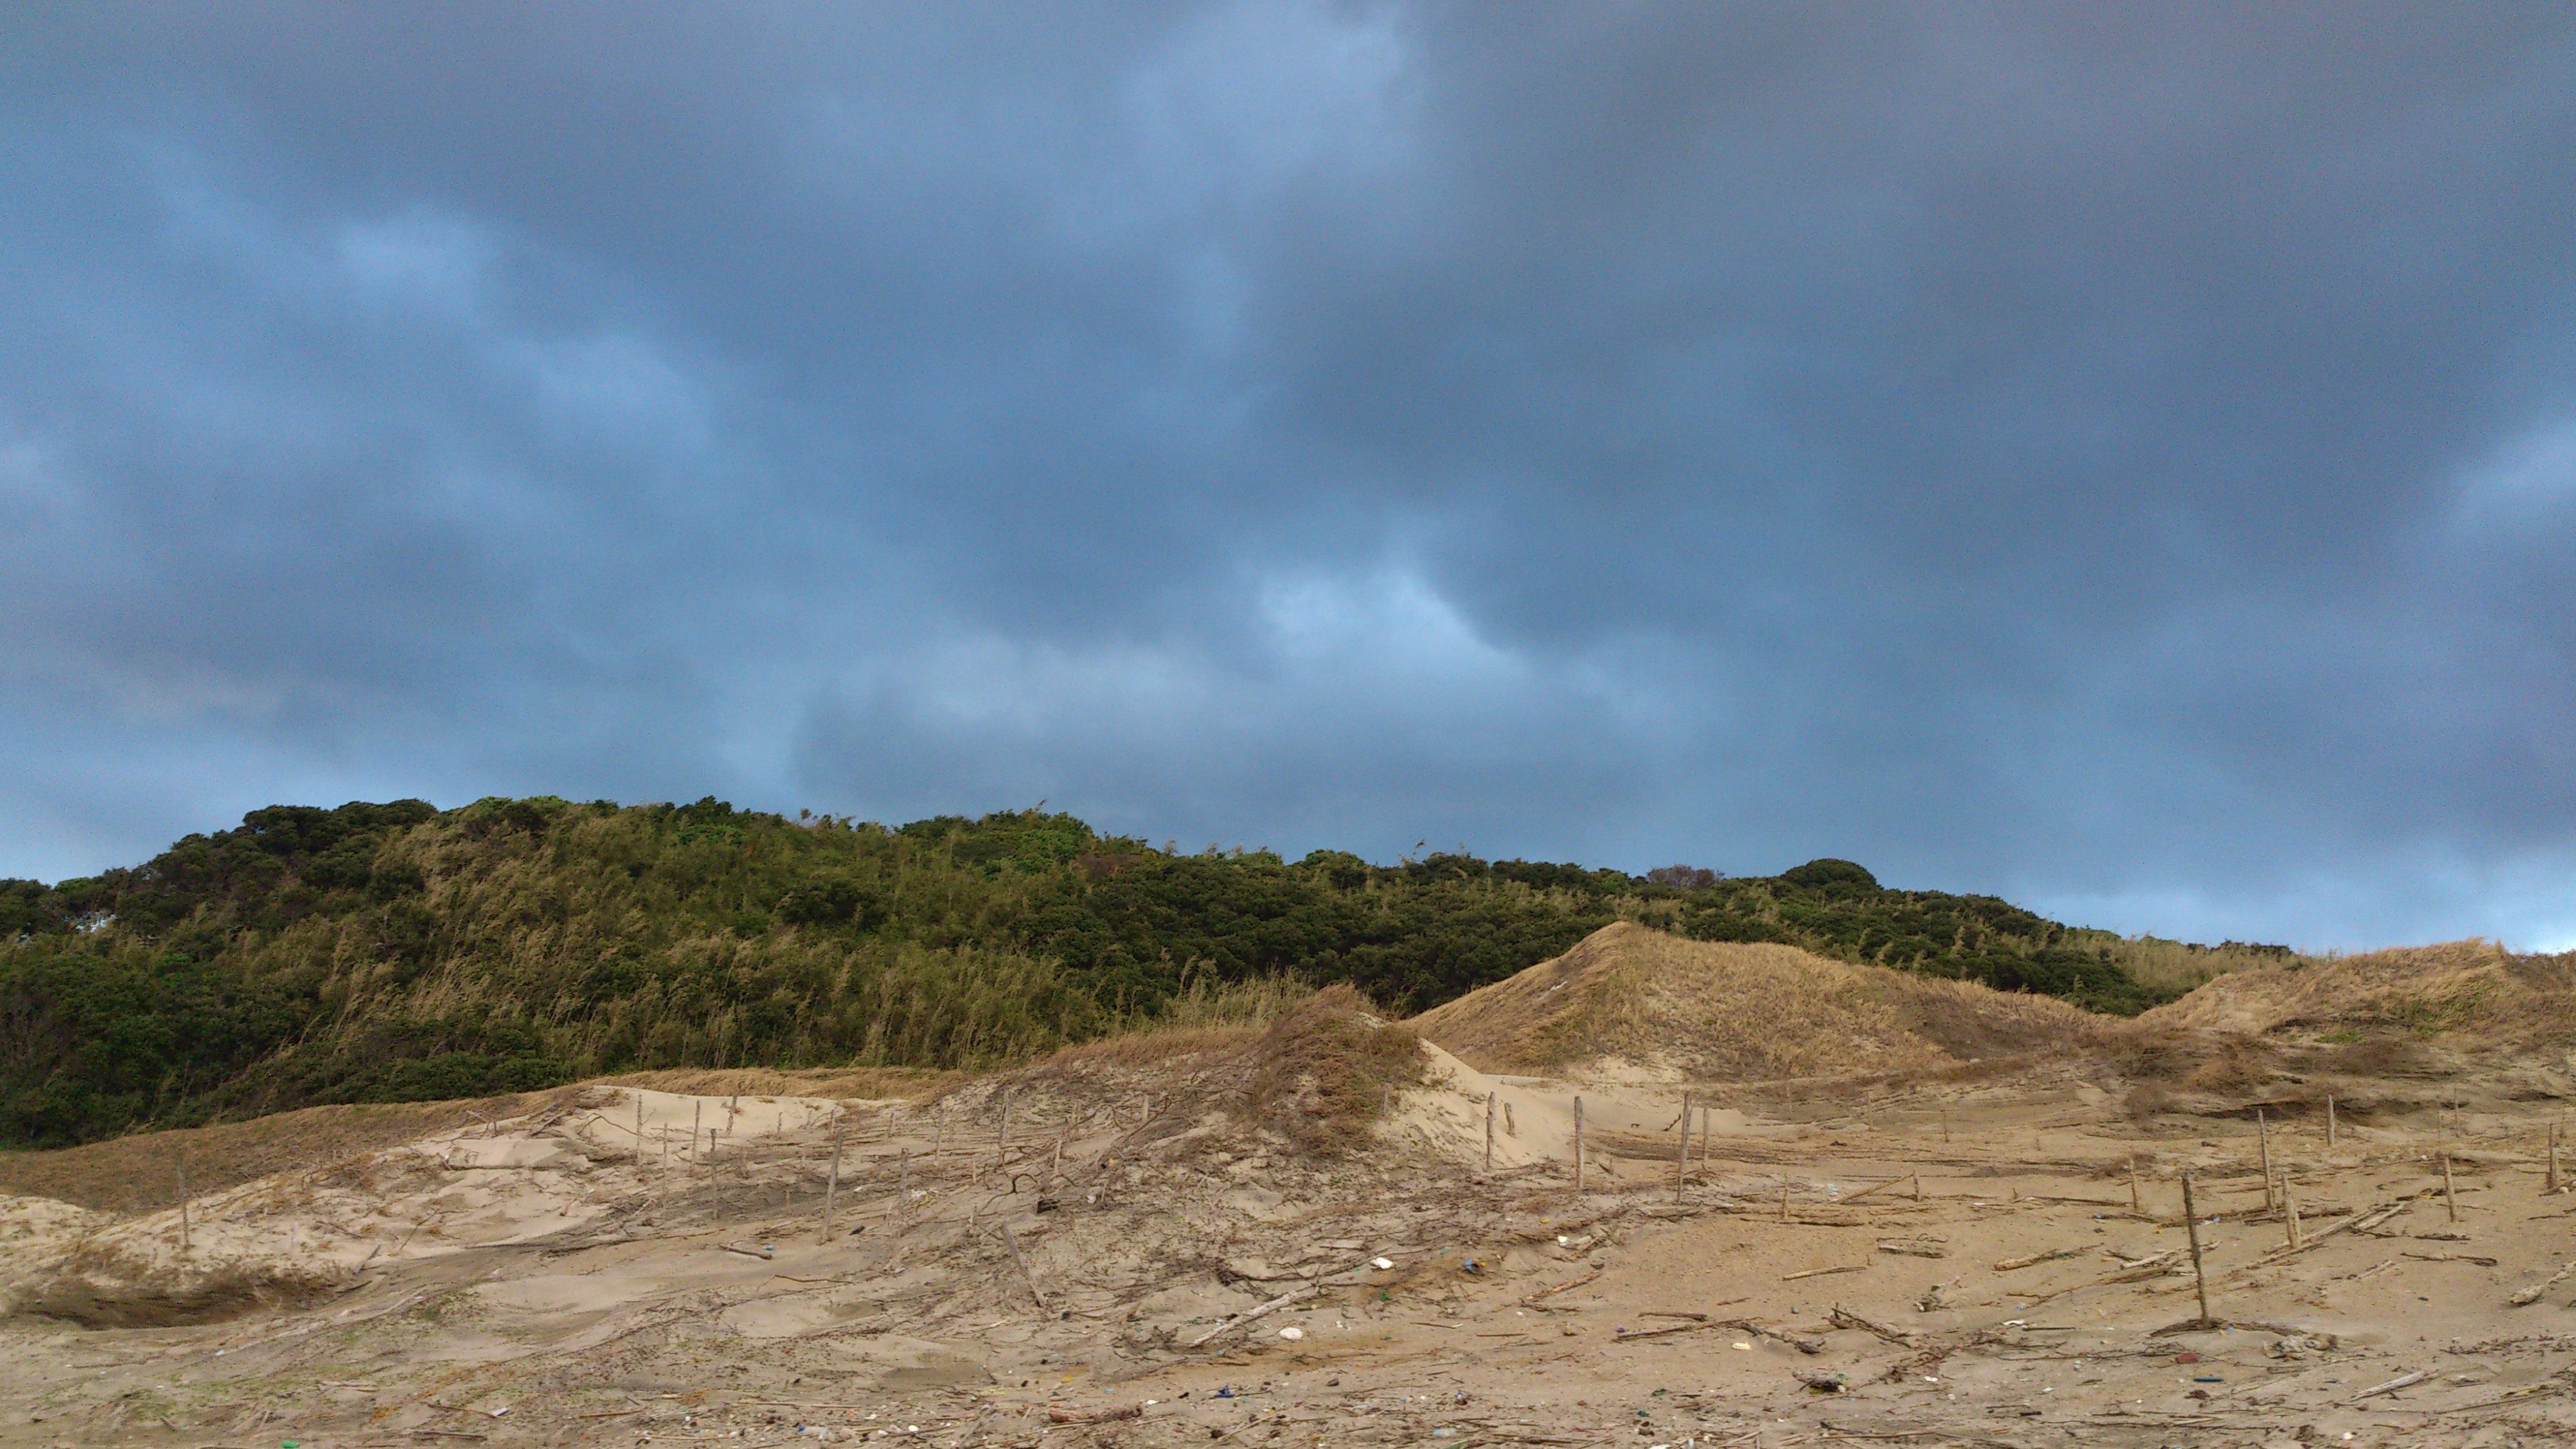 2012年12月。僕は種子島を一人で旅した:絶妙な曇りと岩肌